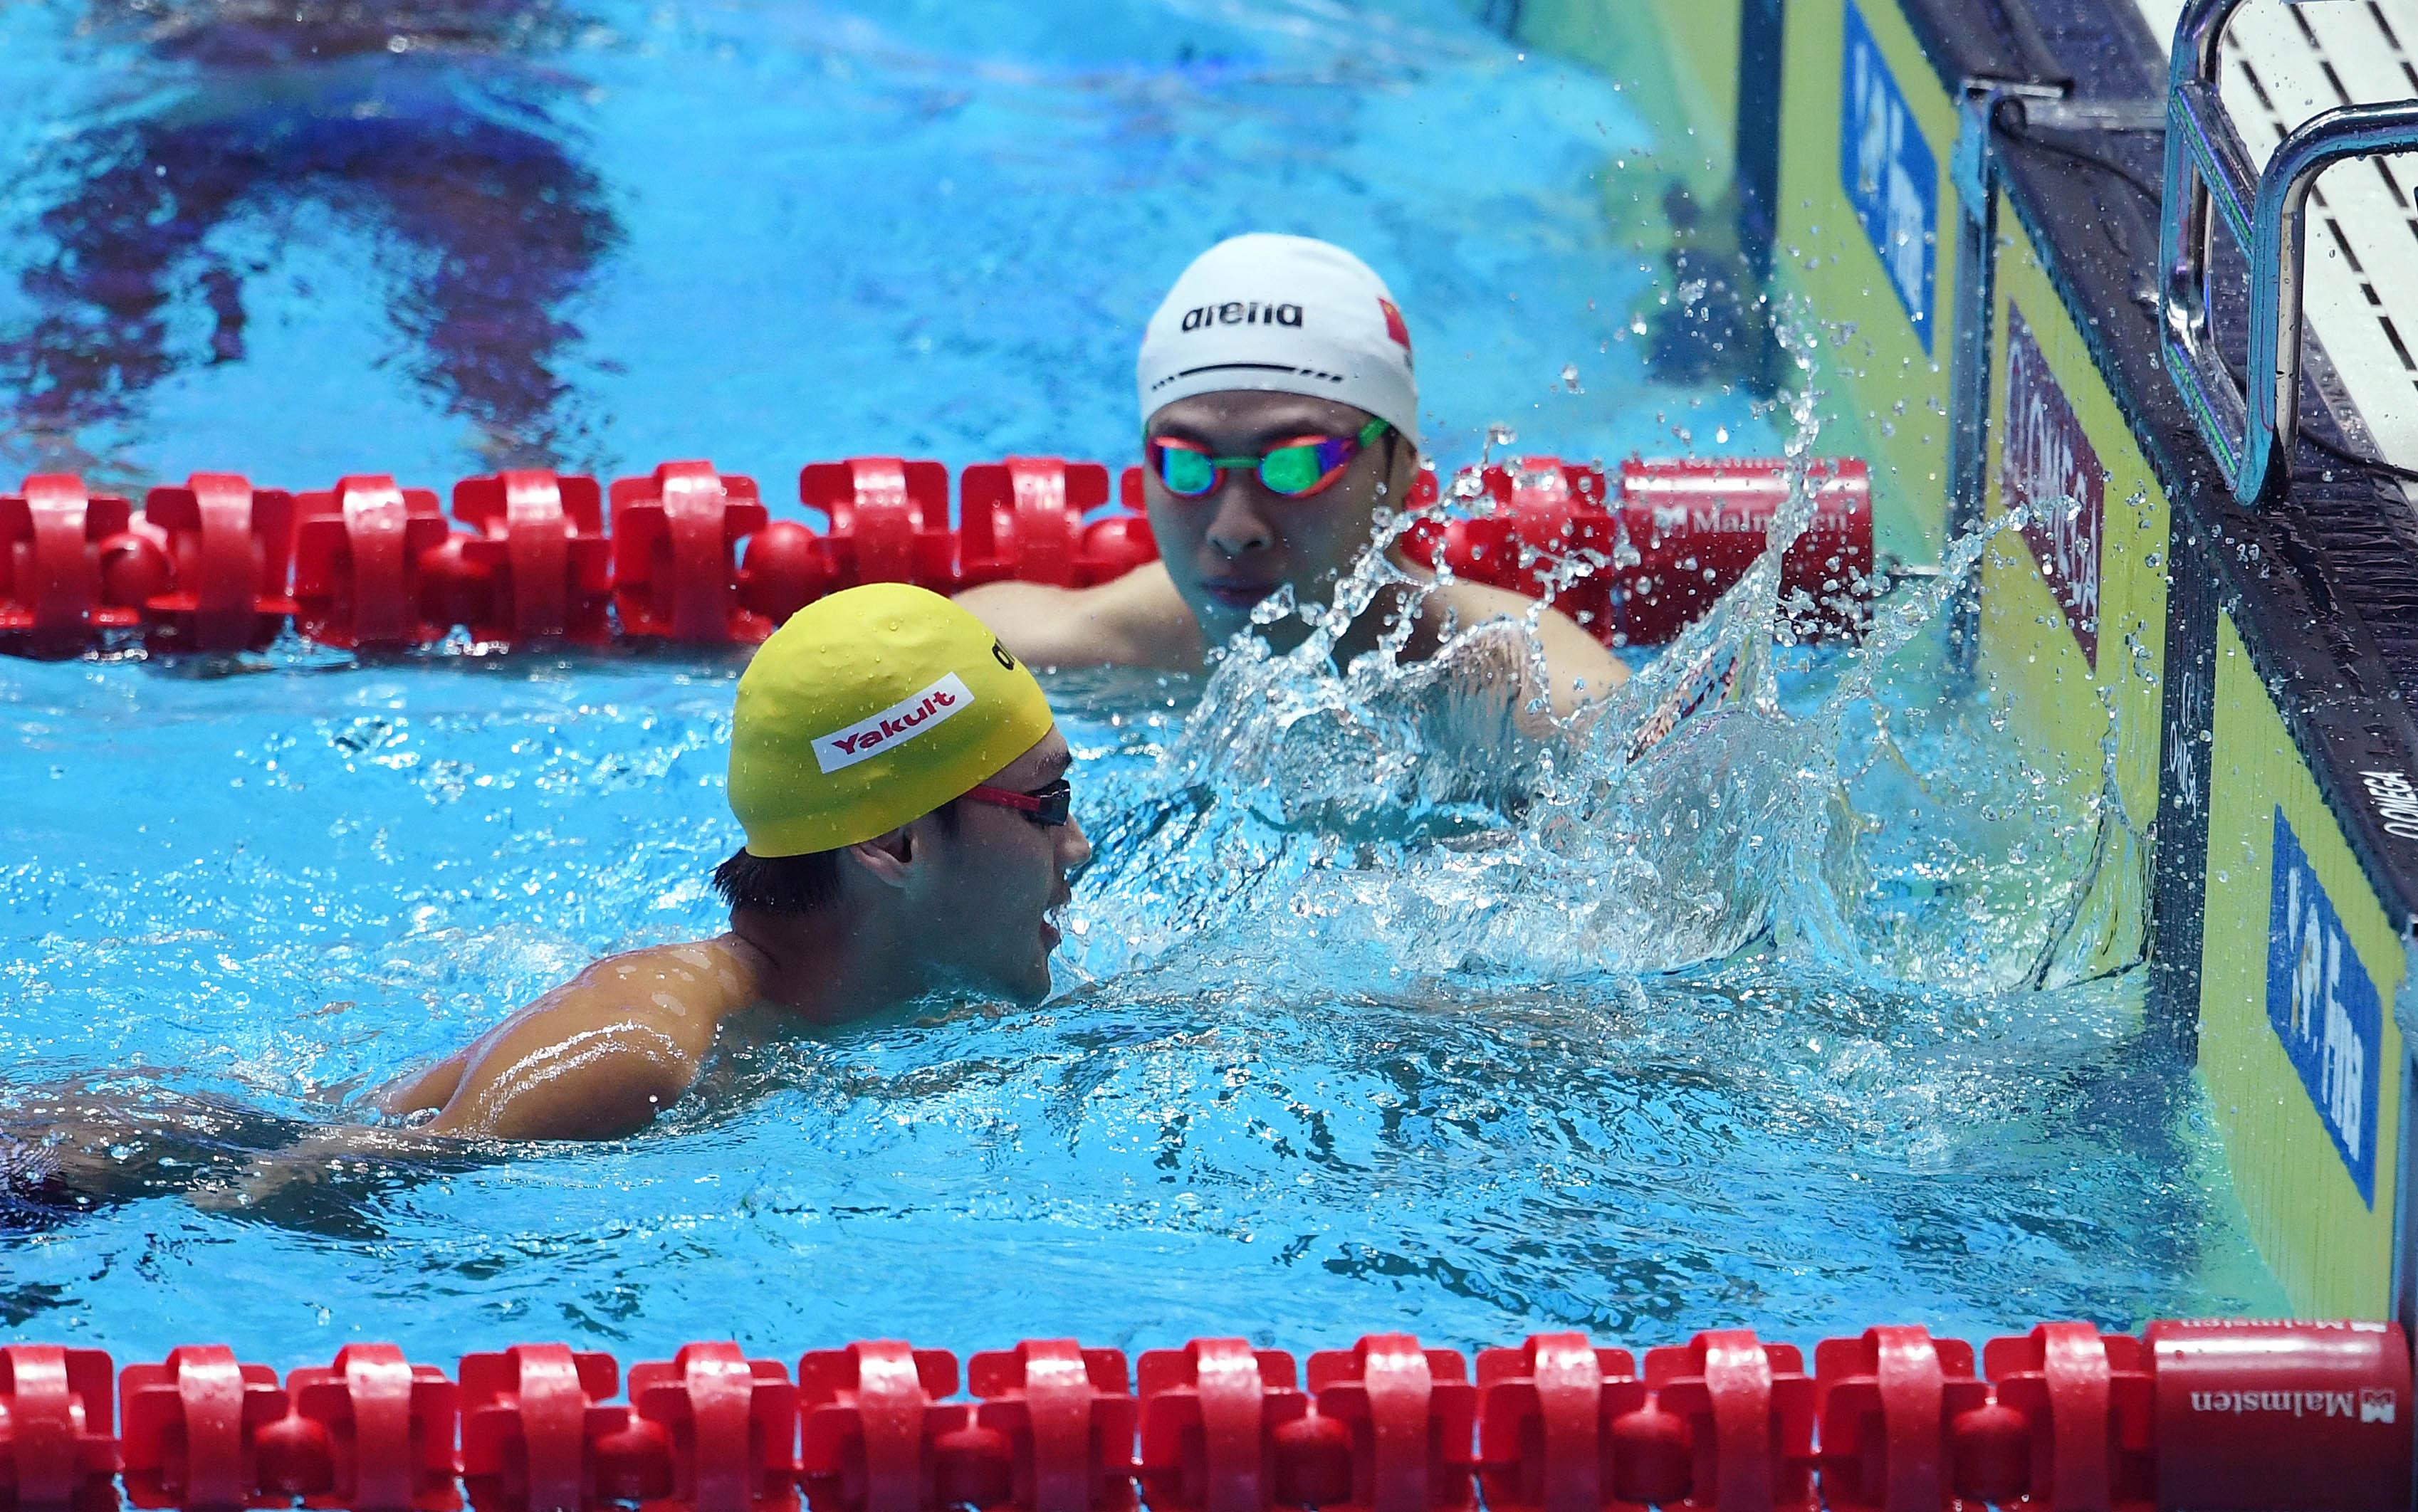 游泳 男子200米仰泳 徐嘉余退赛图片 1073657 3396x2124